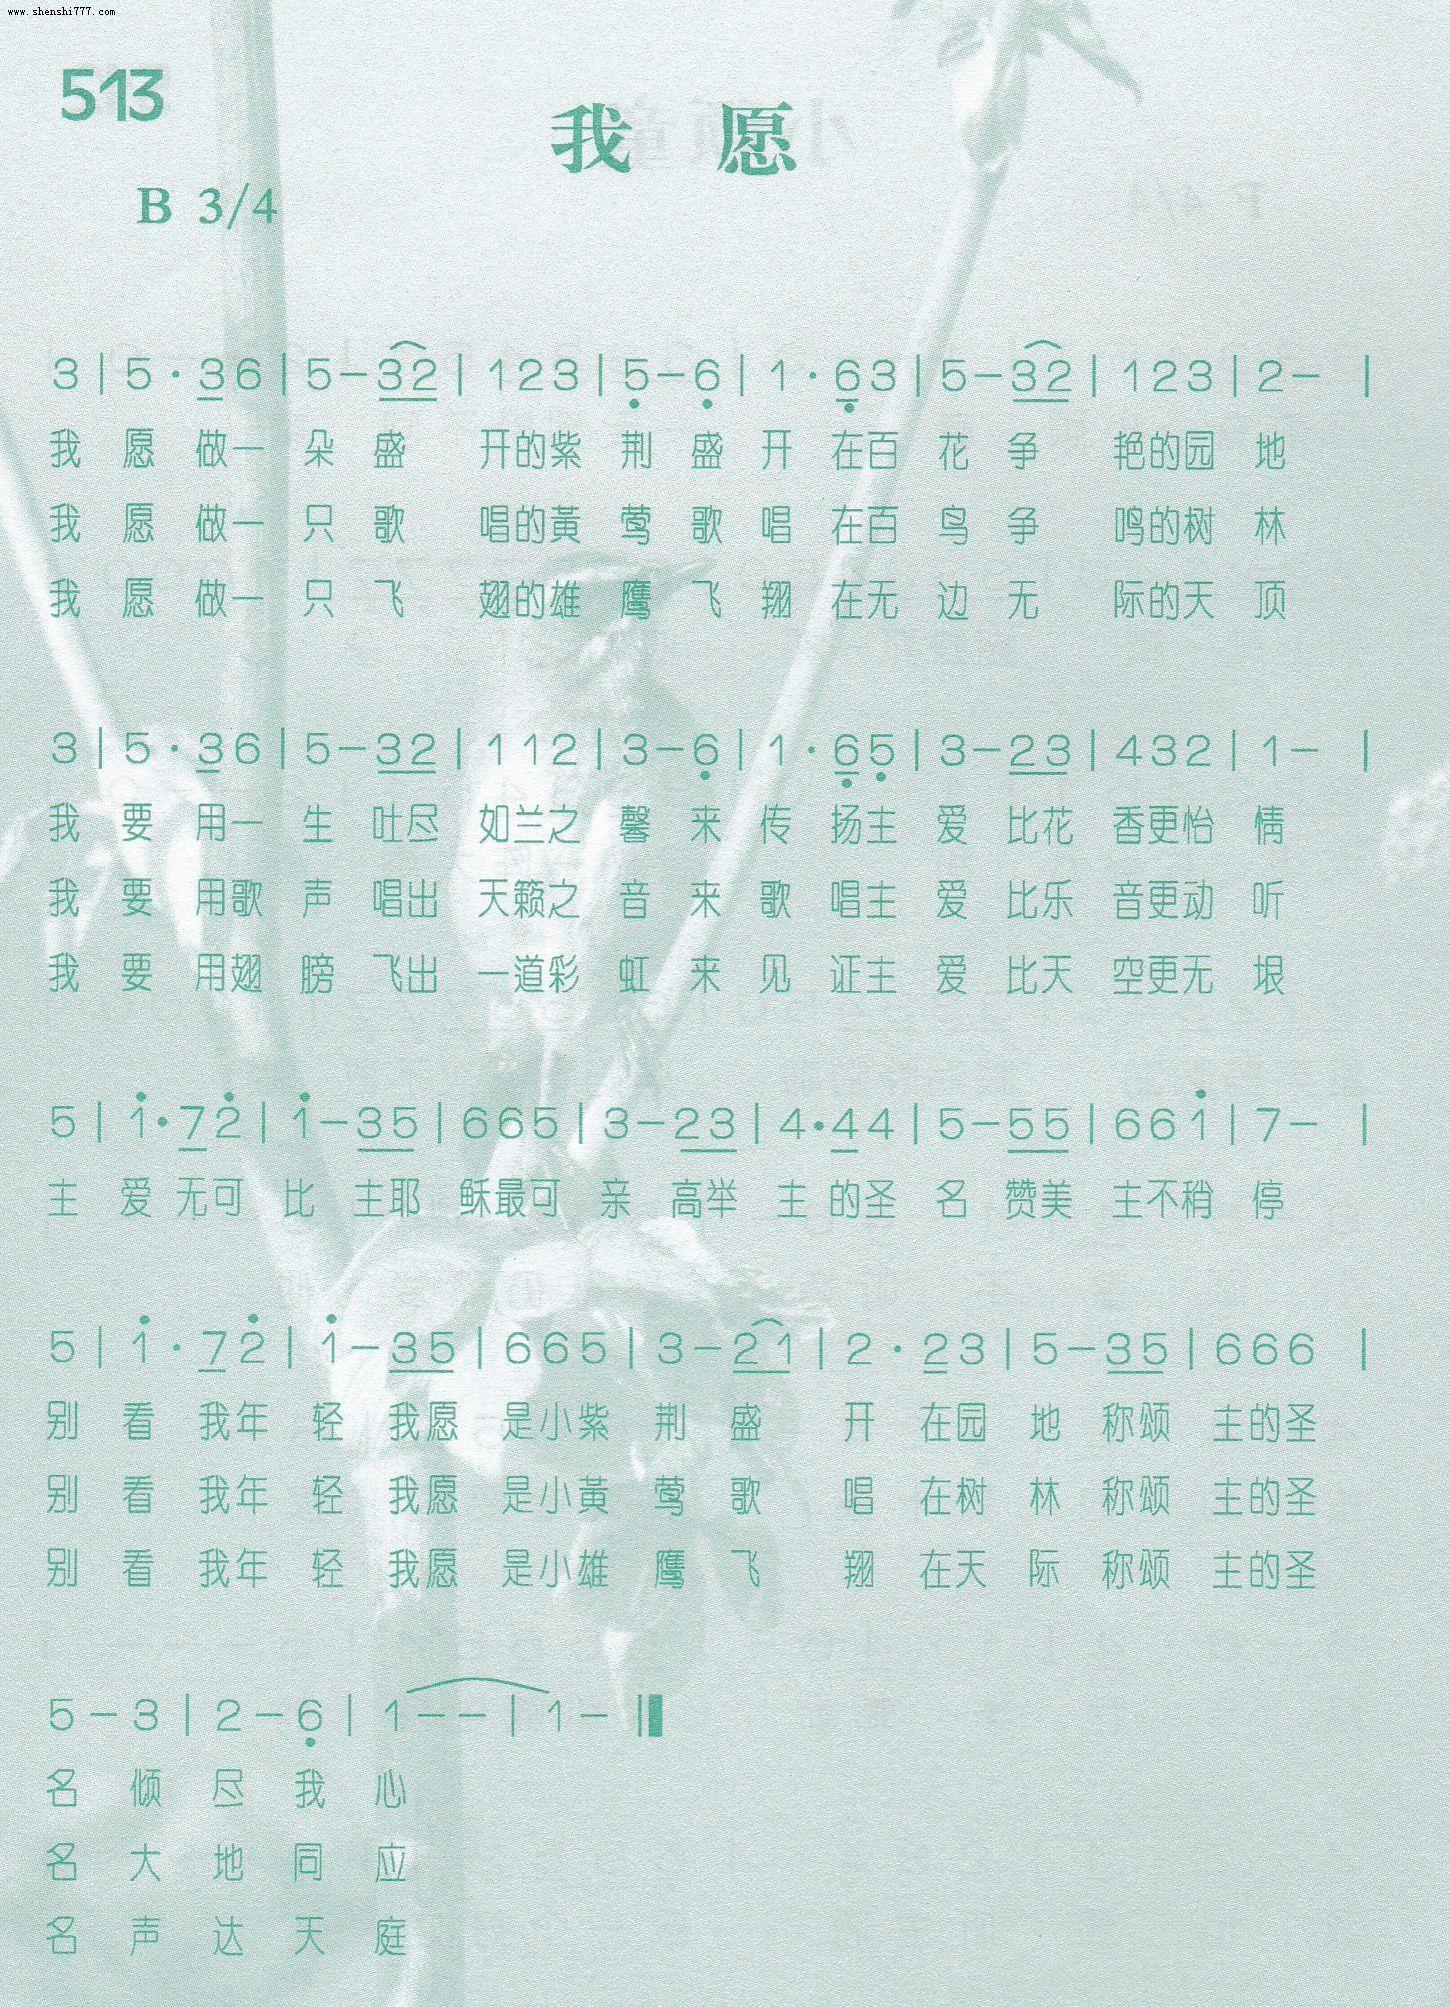 第513首 - 我愿-主日学诗歌集-基督教歌谱网基督教网